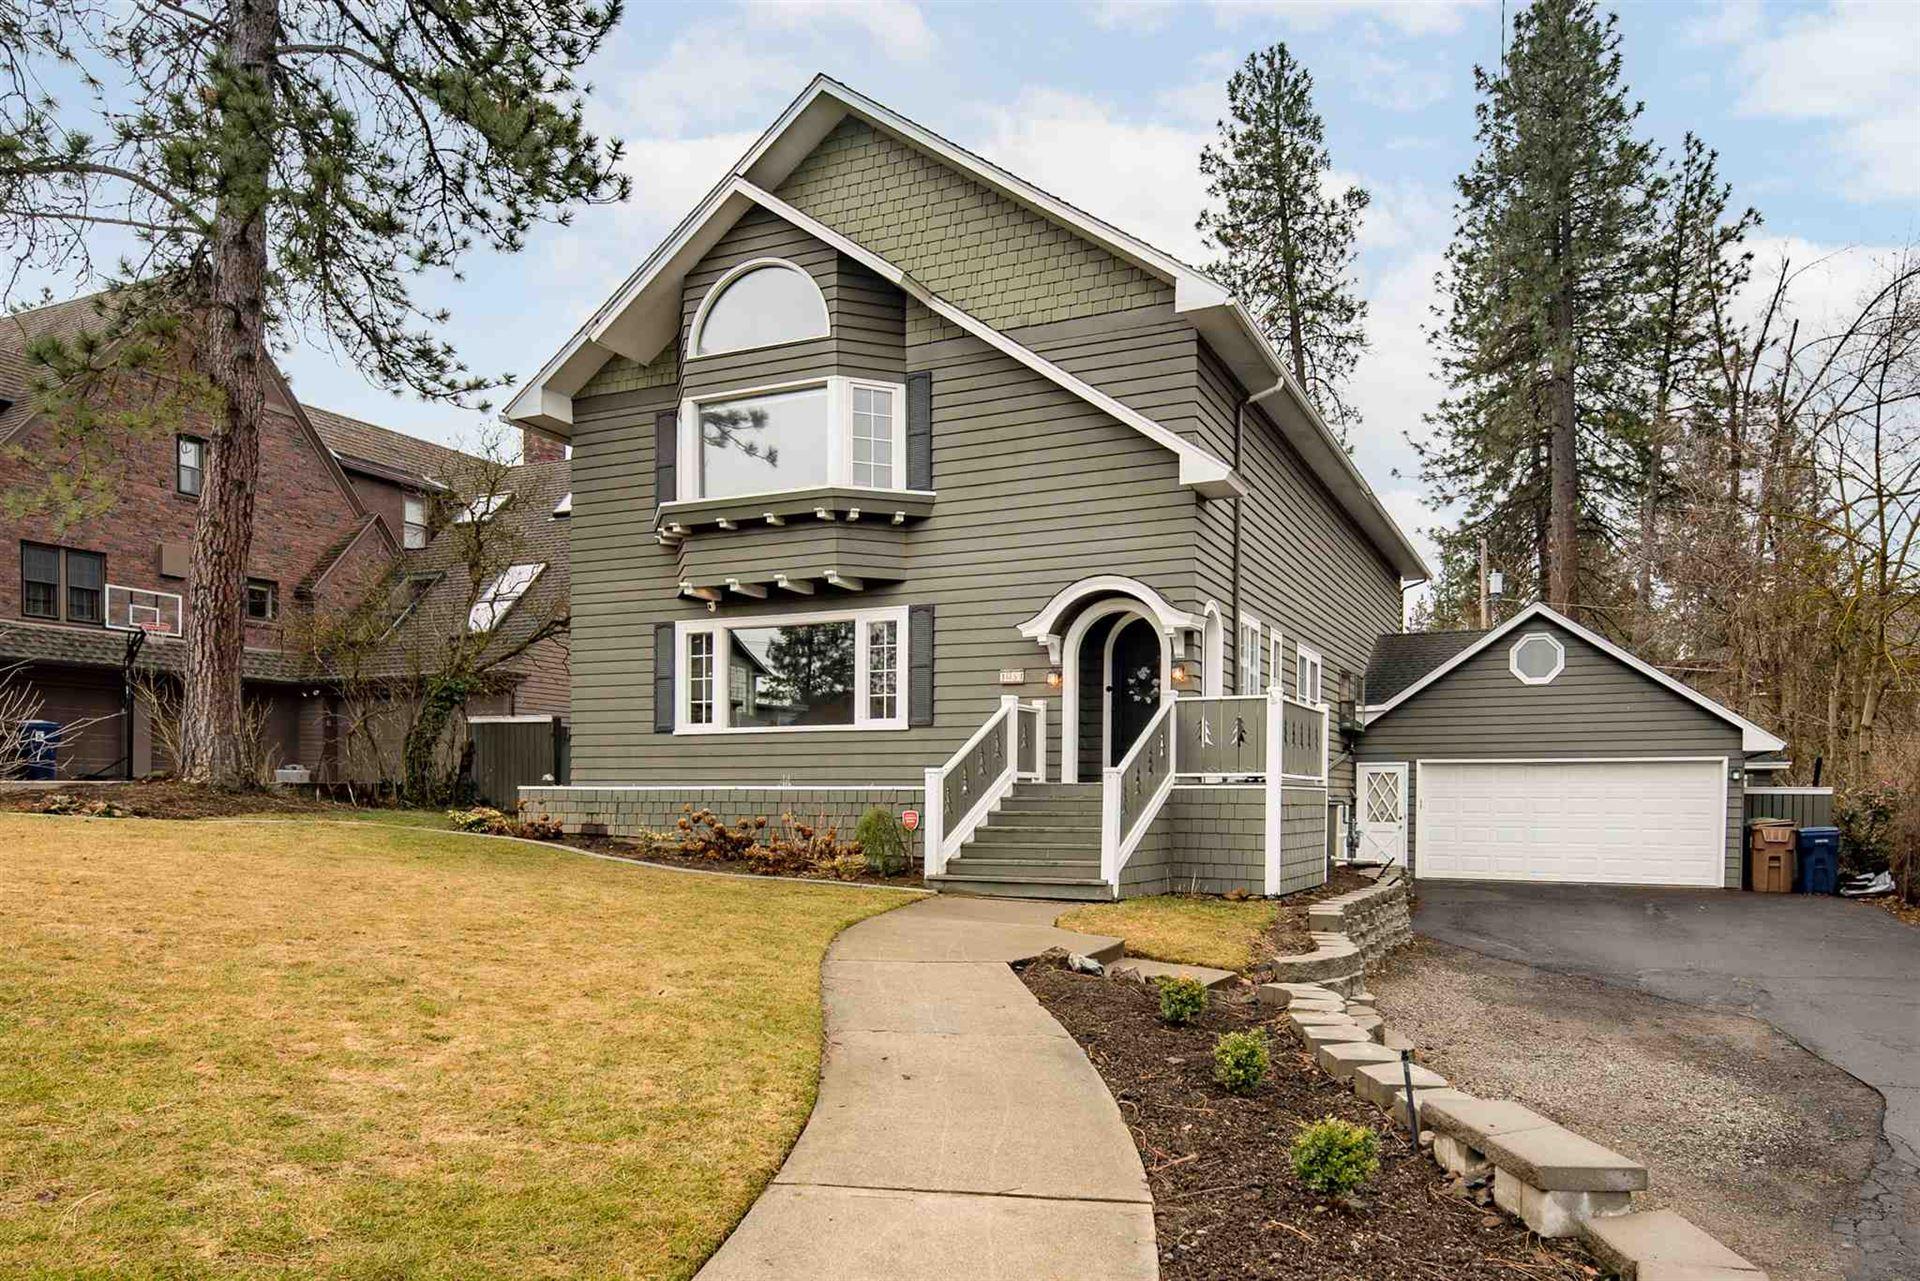 1034 E Overbluff Rd, Spokane, WA 99203-3449 - #: 202113099